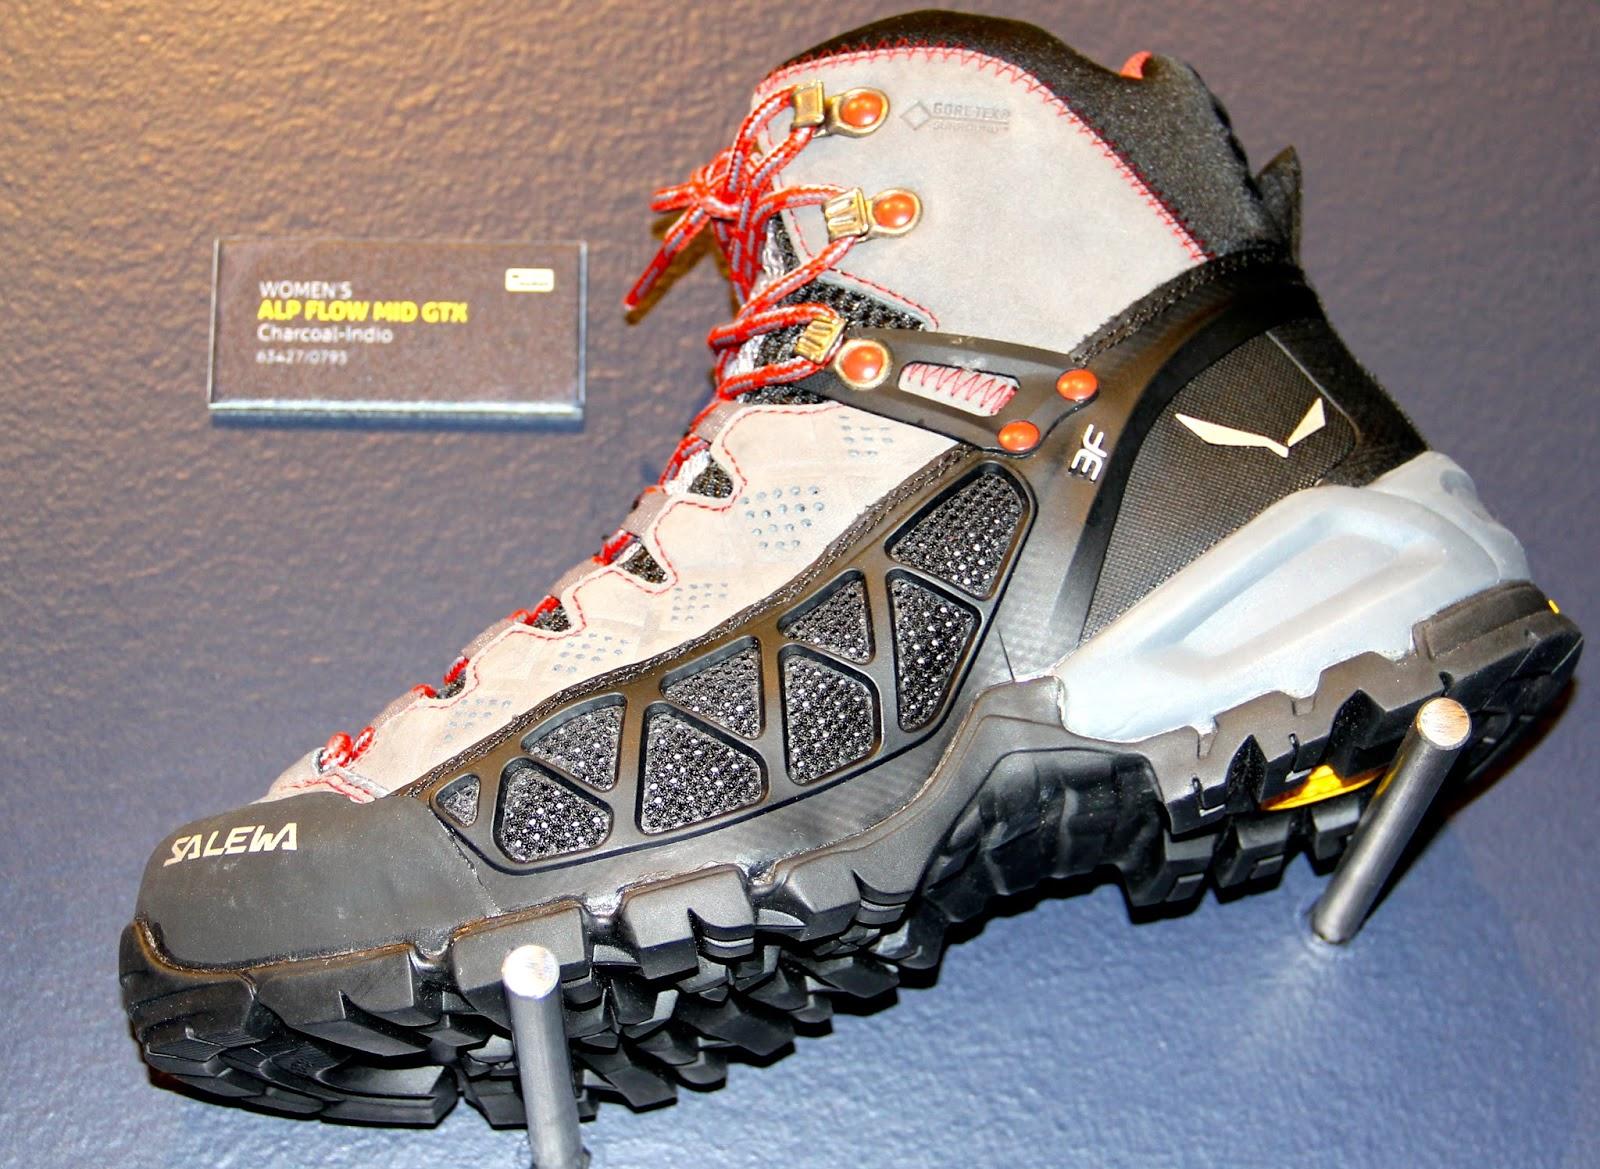 hanwagsalewa les chaussures de de de randonnée s / s gore - texencerclez 8984b1